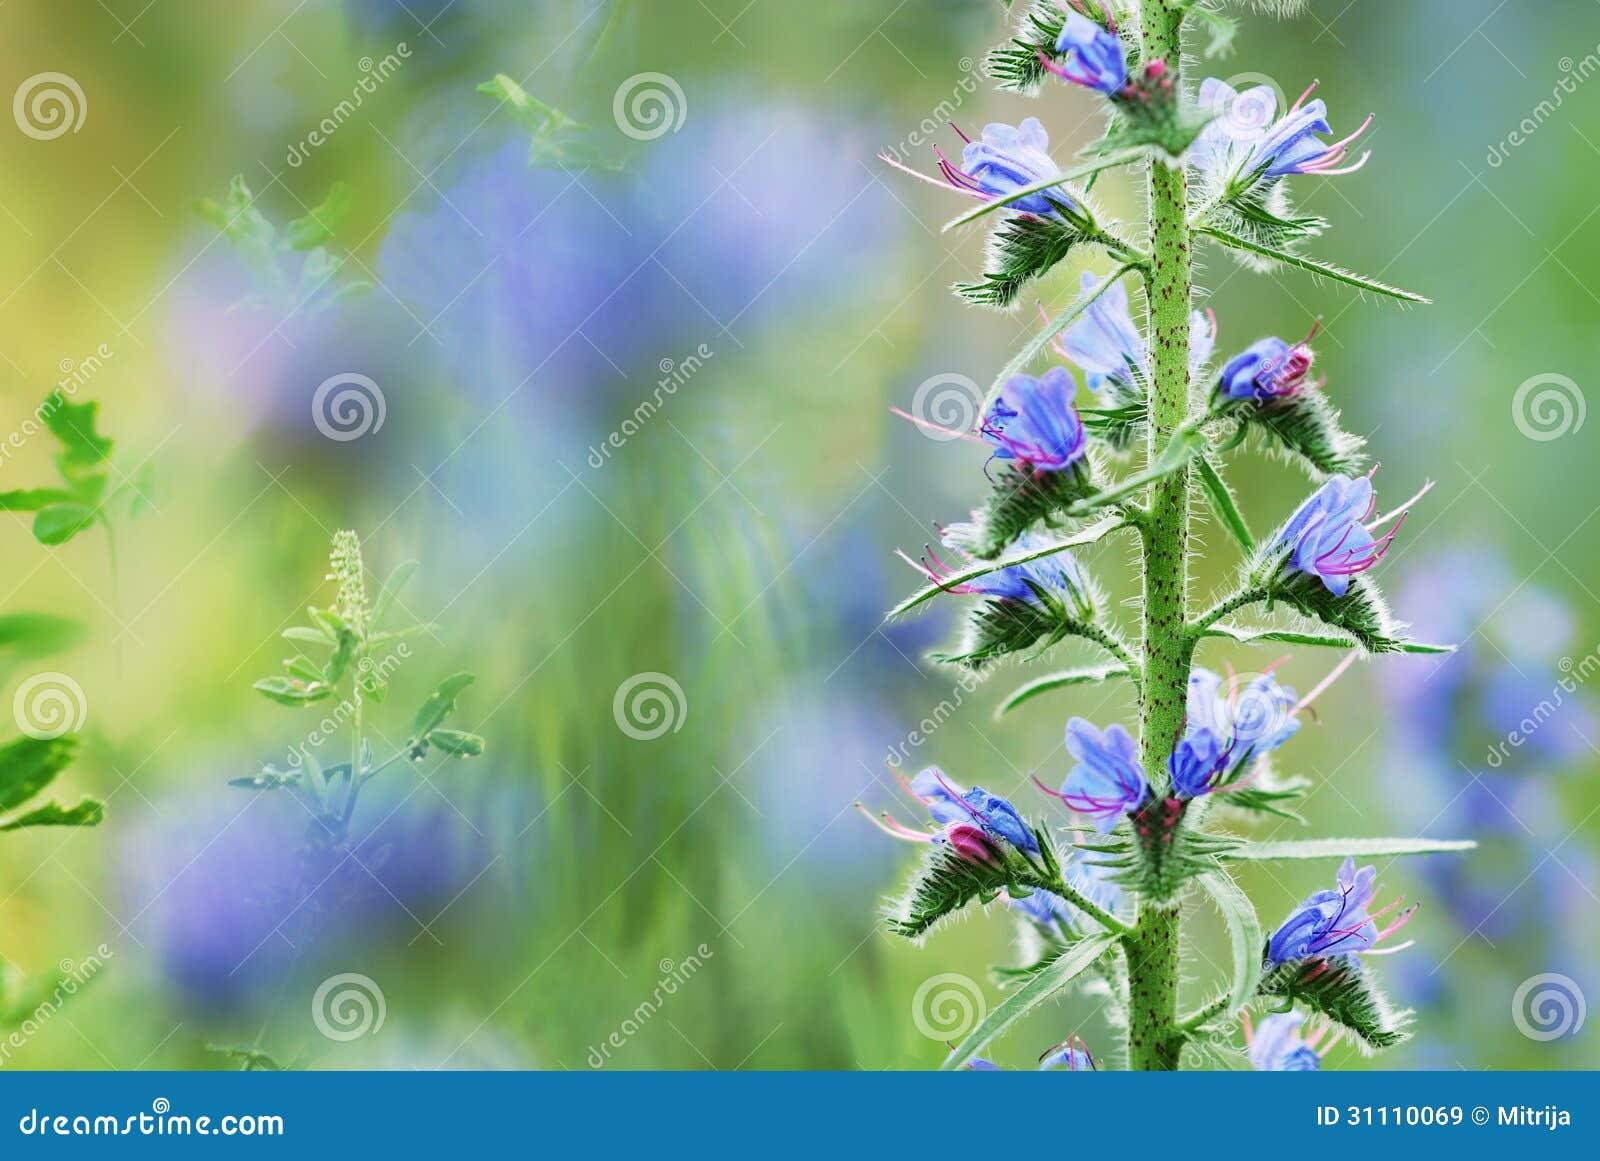 Fleurs bleues de champ